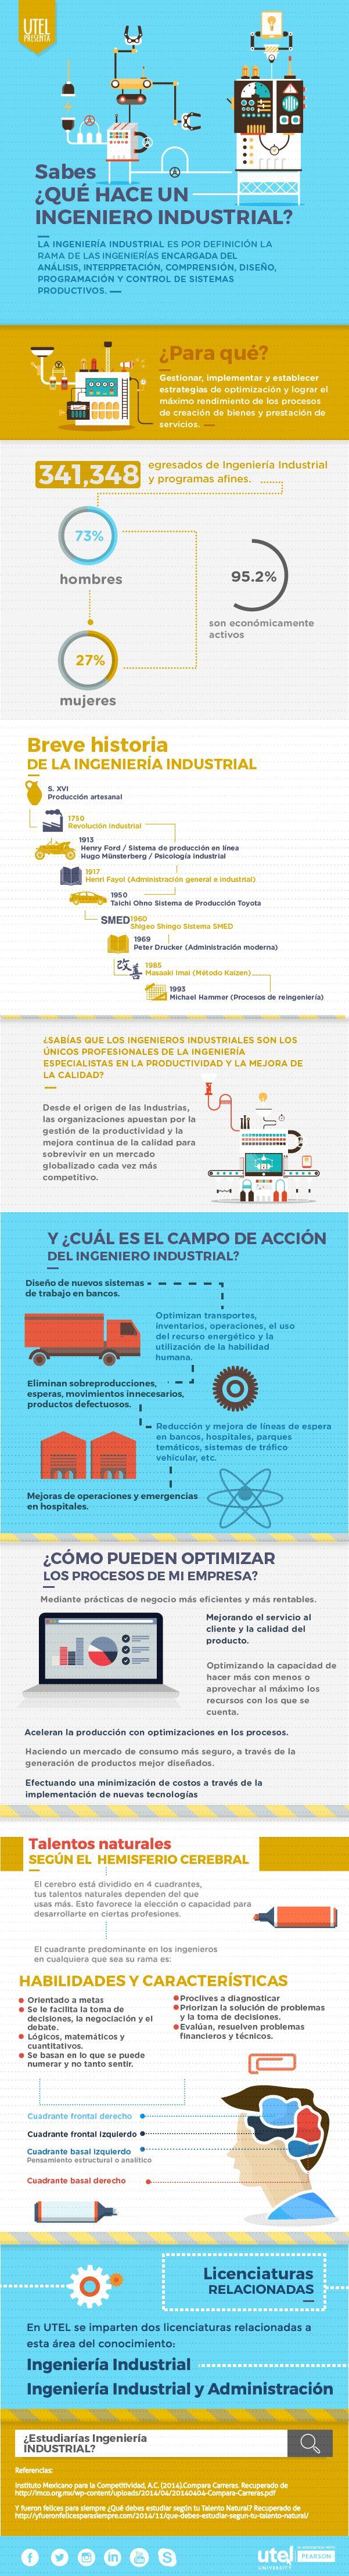 Conoce todo lo que necesitas saber sobre la Ingeniería Industrial. #UniversidadUTEL #Infographic